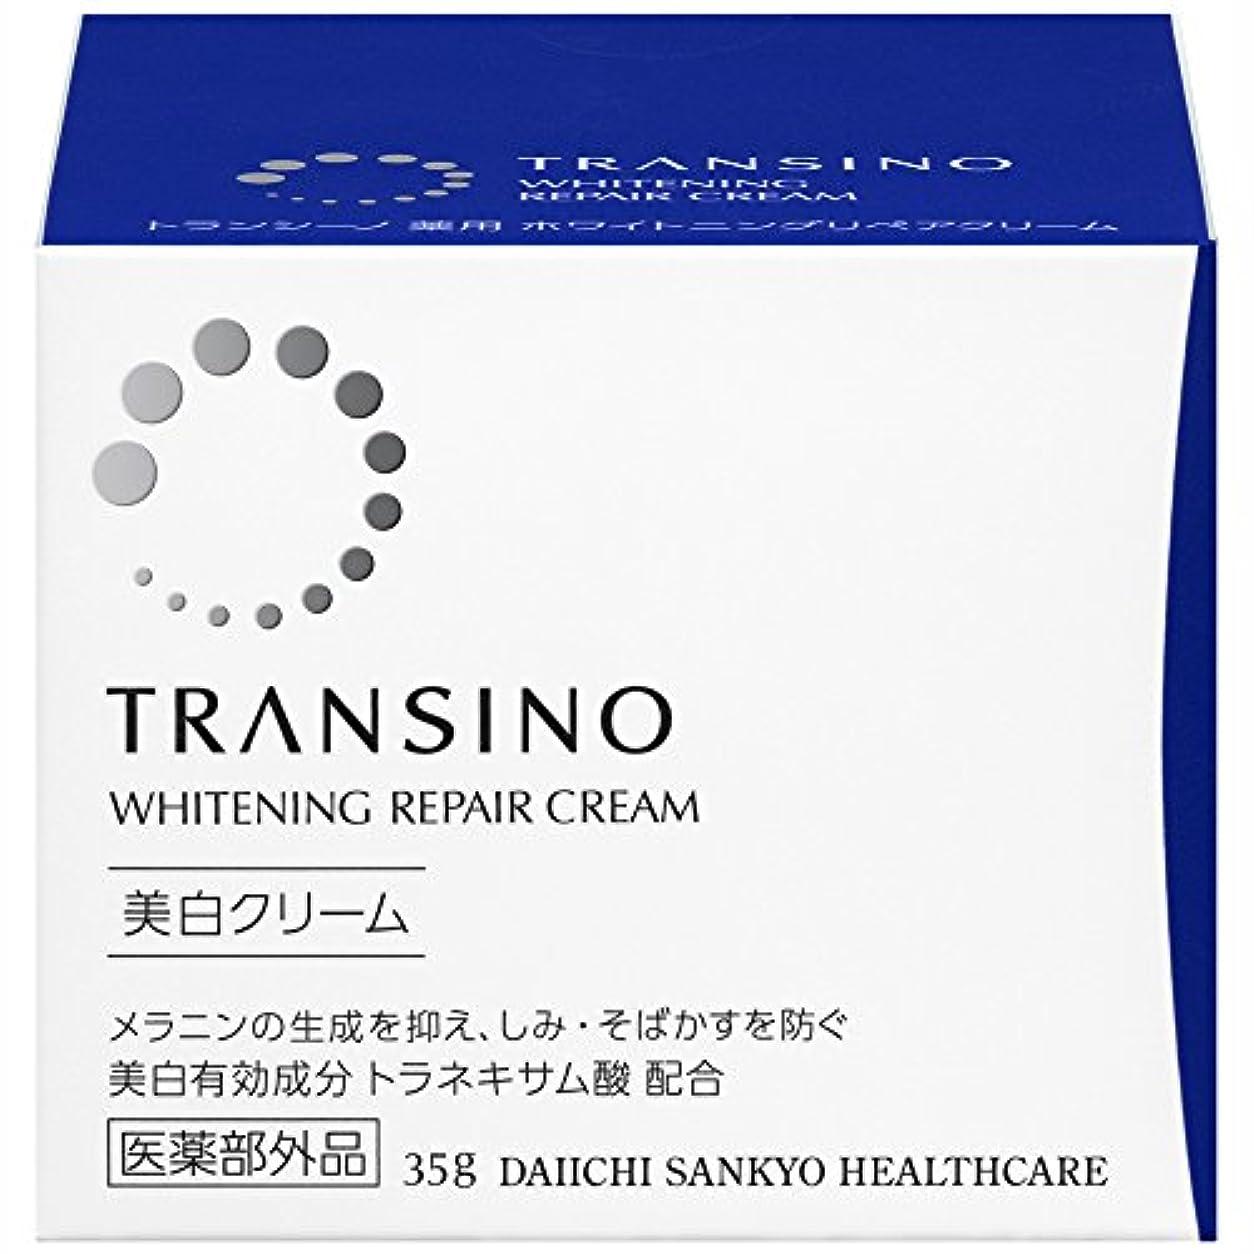 安全より良い誕生第一三共ヘルスケア トランシーノ 薬用ホワイトニングリペアクリーム 35g 【医薬部外品】